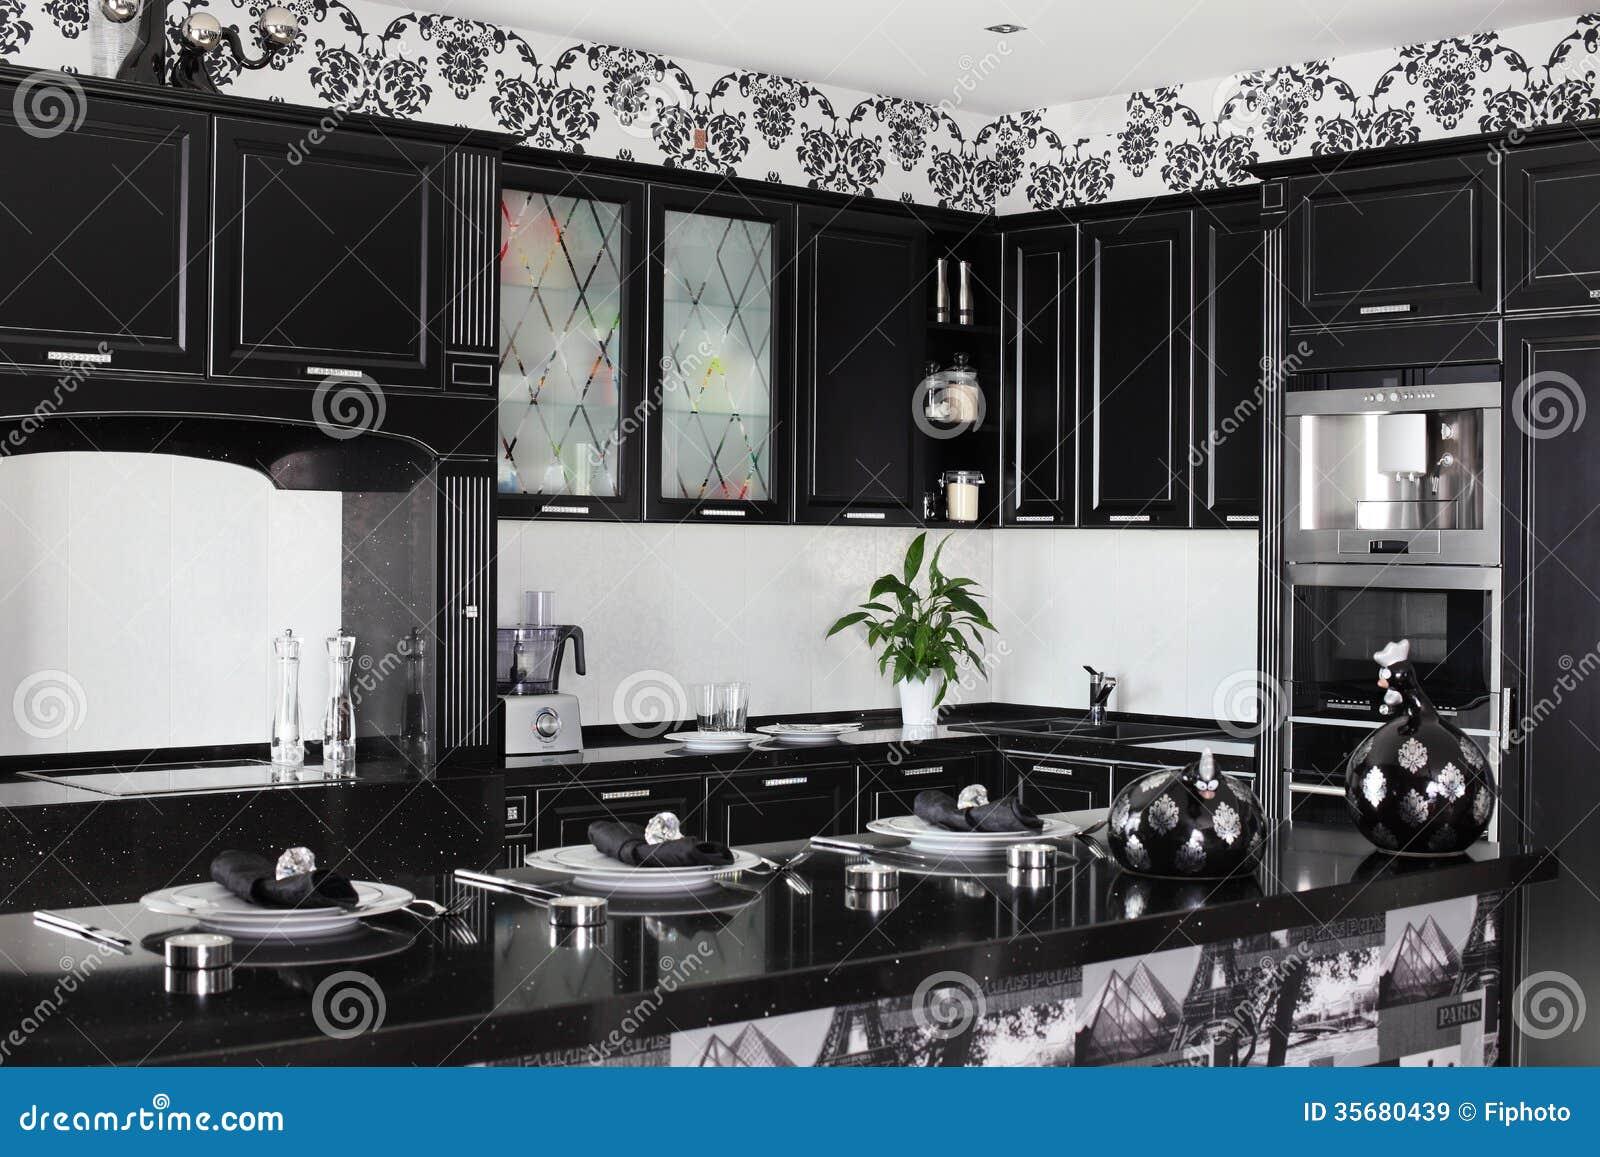 Cocina Moderna Blanco Y Negro Con Muebles Elegantes Imagen ...